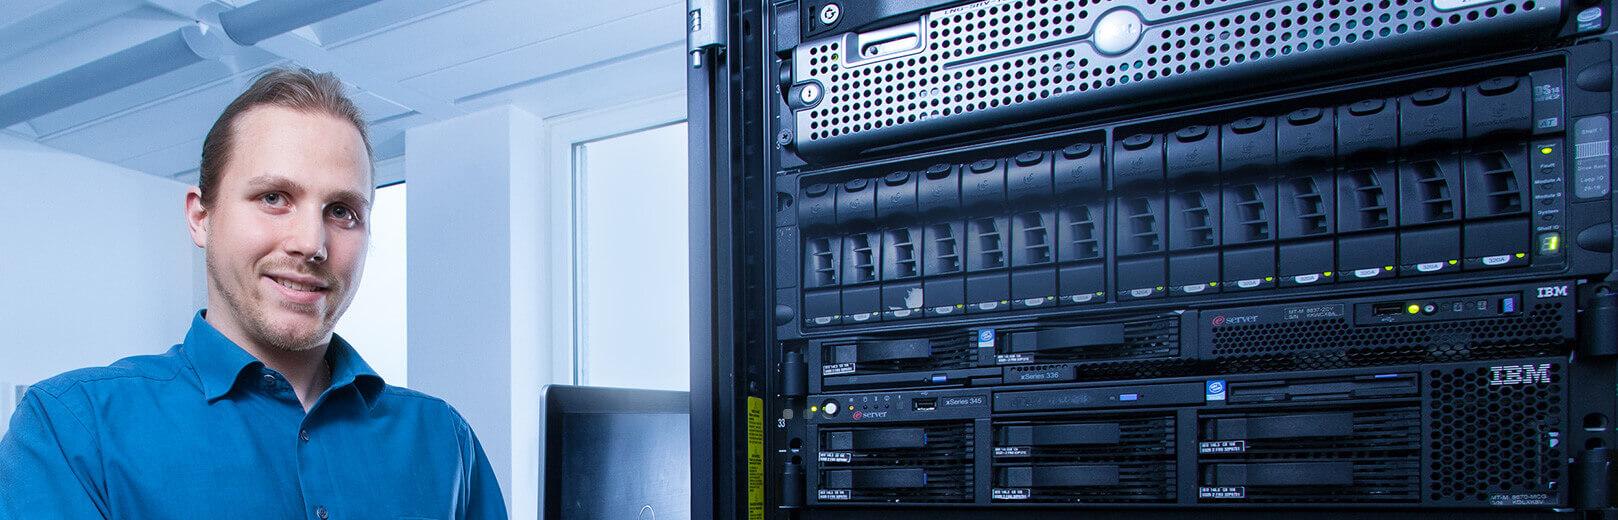 system netzwerk sicherheitsanalyse